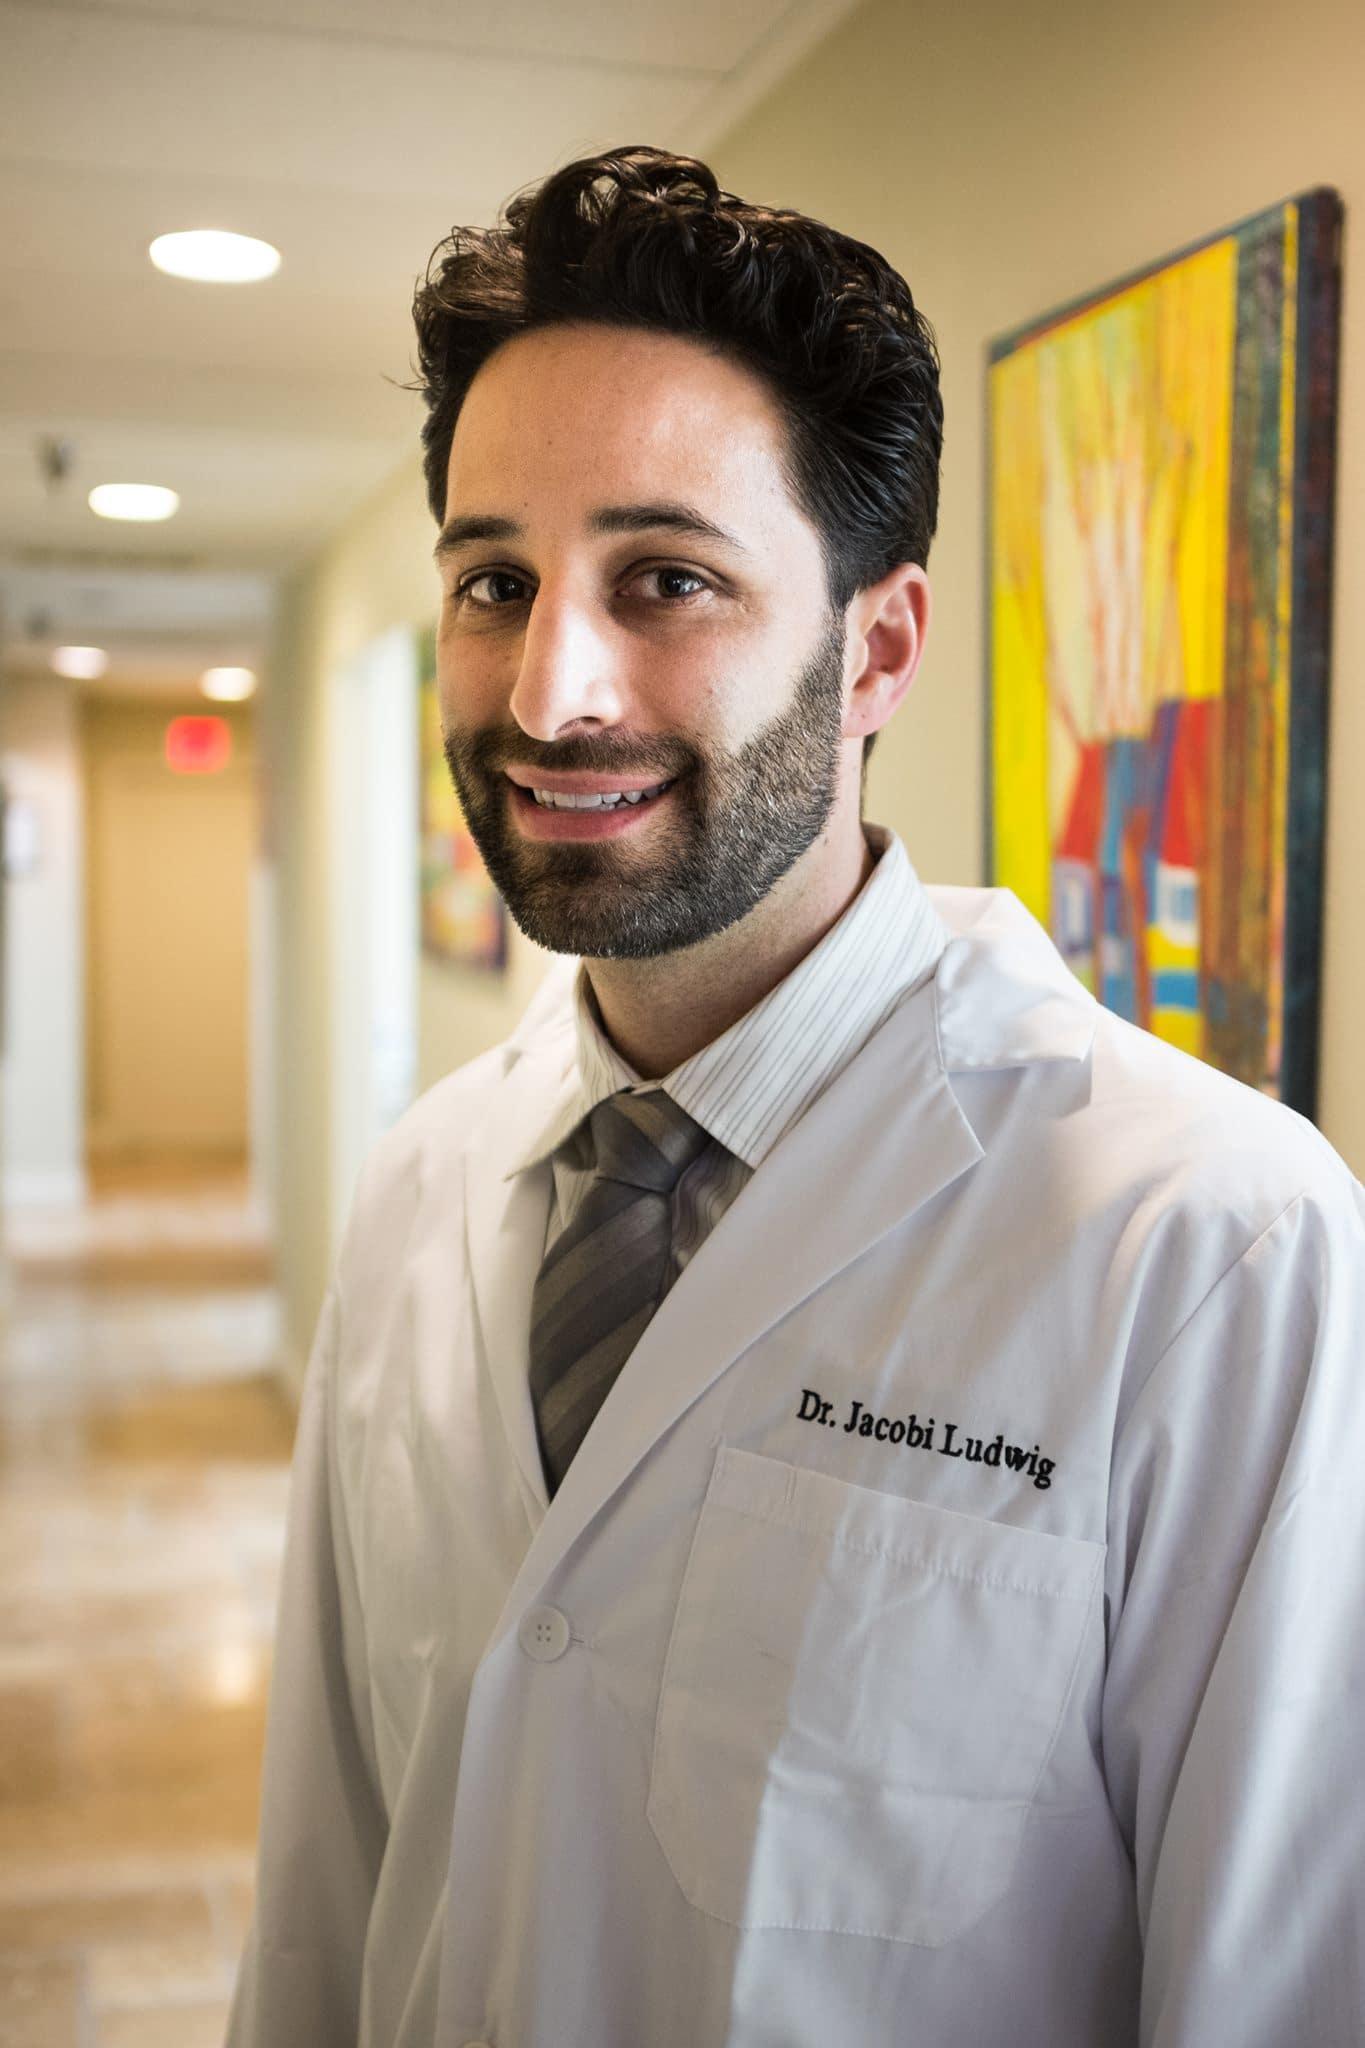 Dr. Jacobi L Ludwig